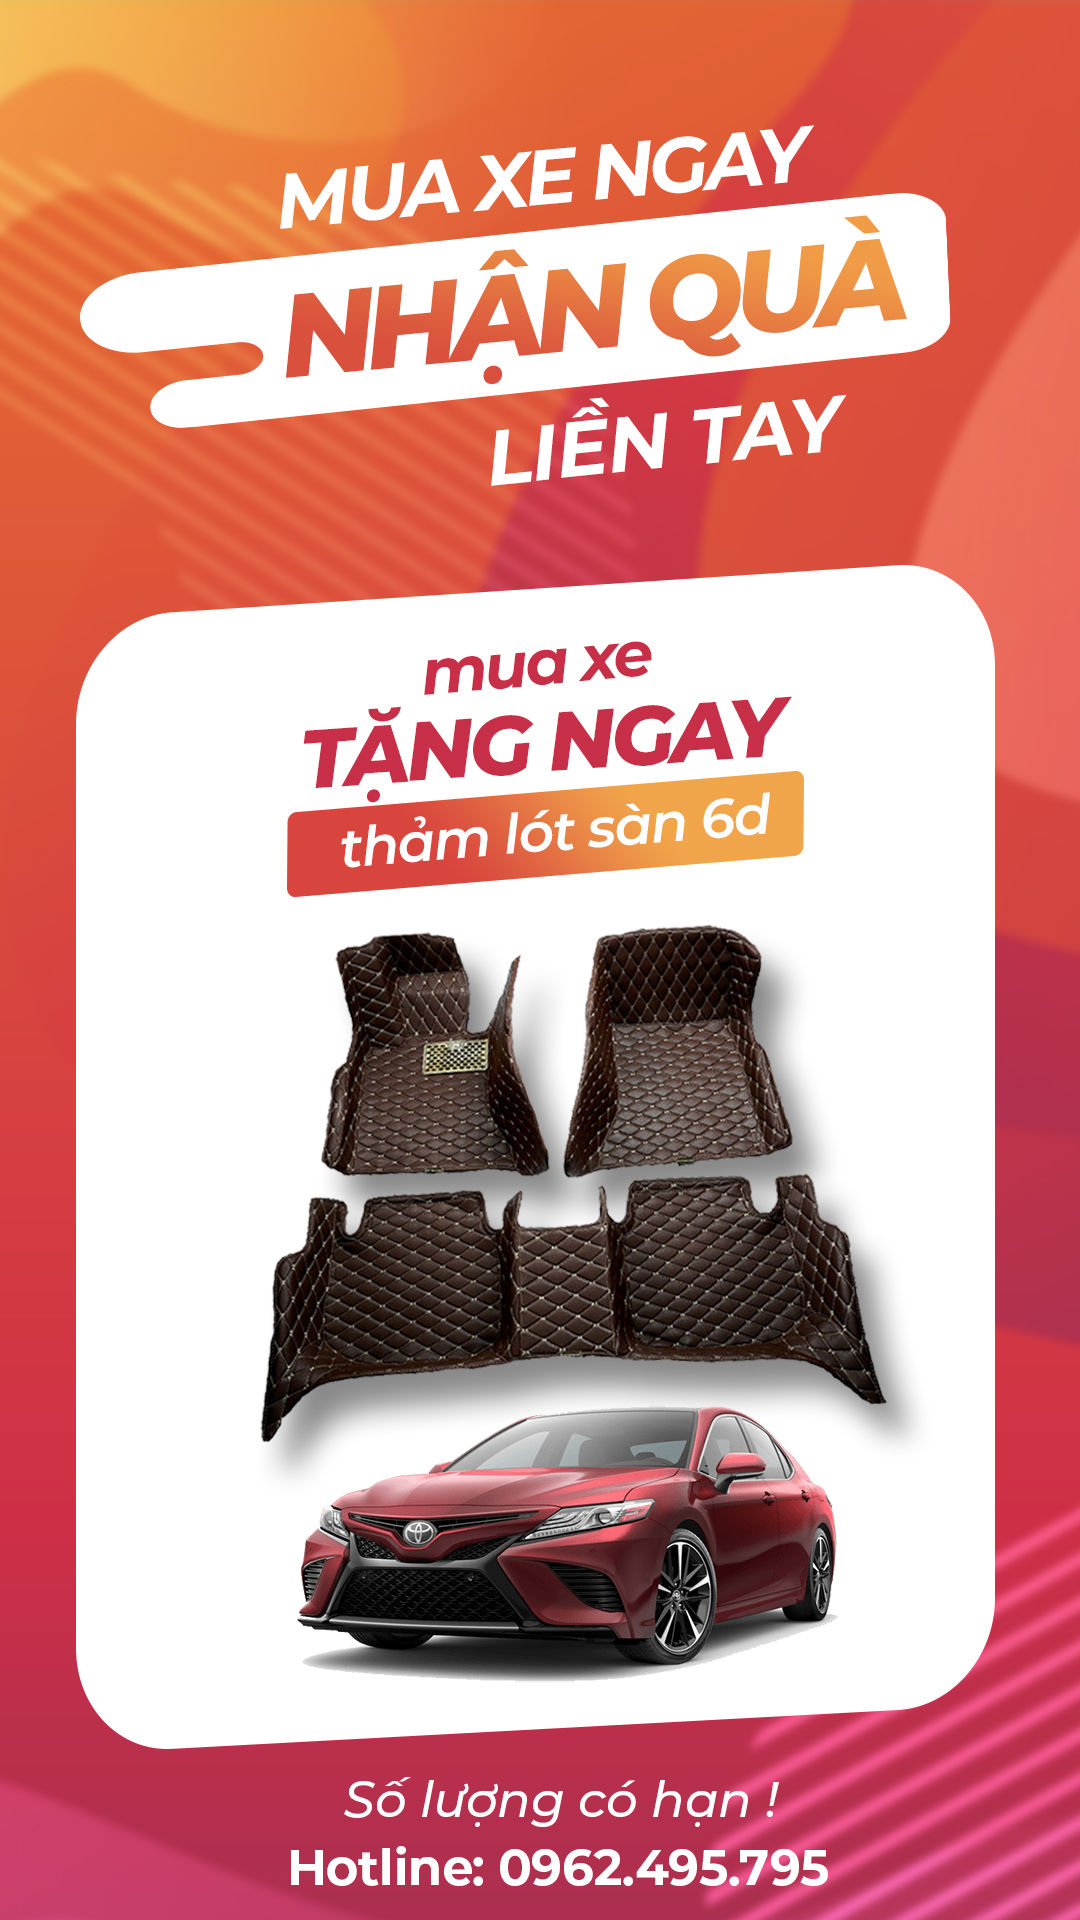 Khi mua xe Toyota Camry mới hoặc cũ, bạn sẽ được nhận ngay bộ quà tặng siêu hấp dẫn, liên hệ Hotline để đăng ký ngay